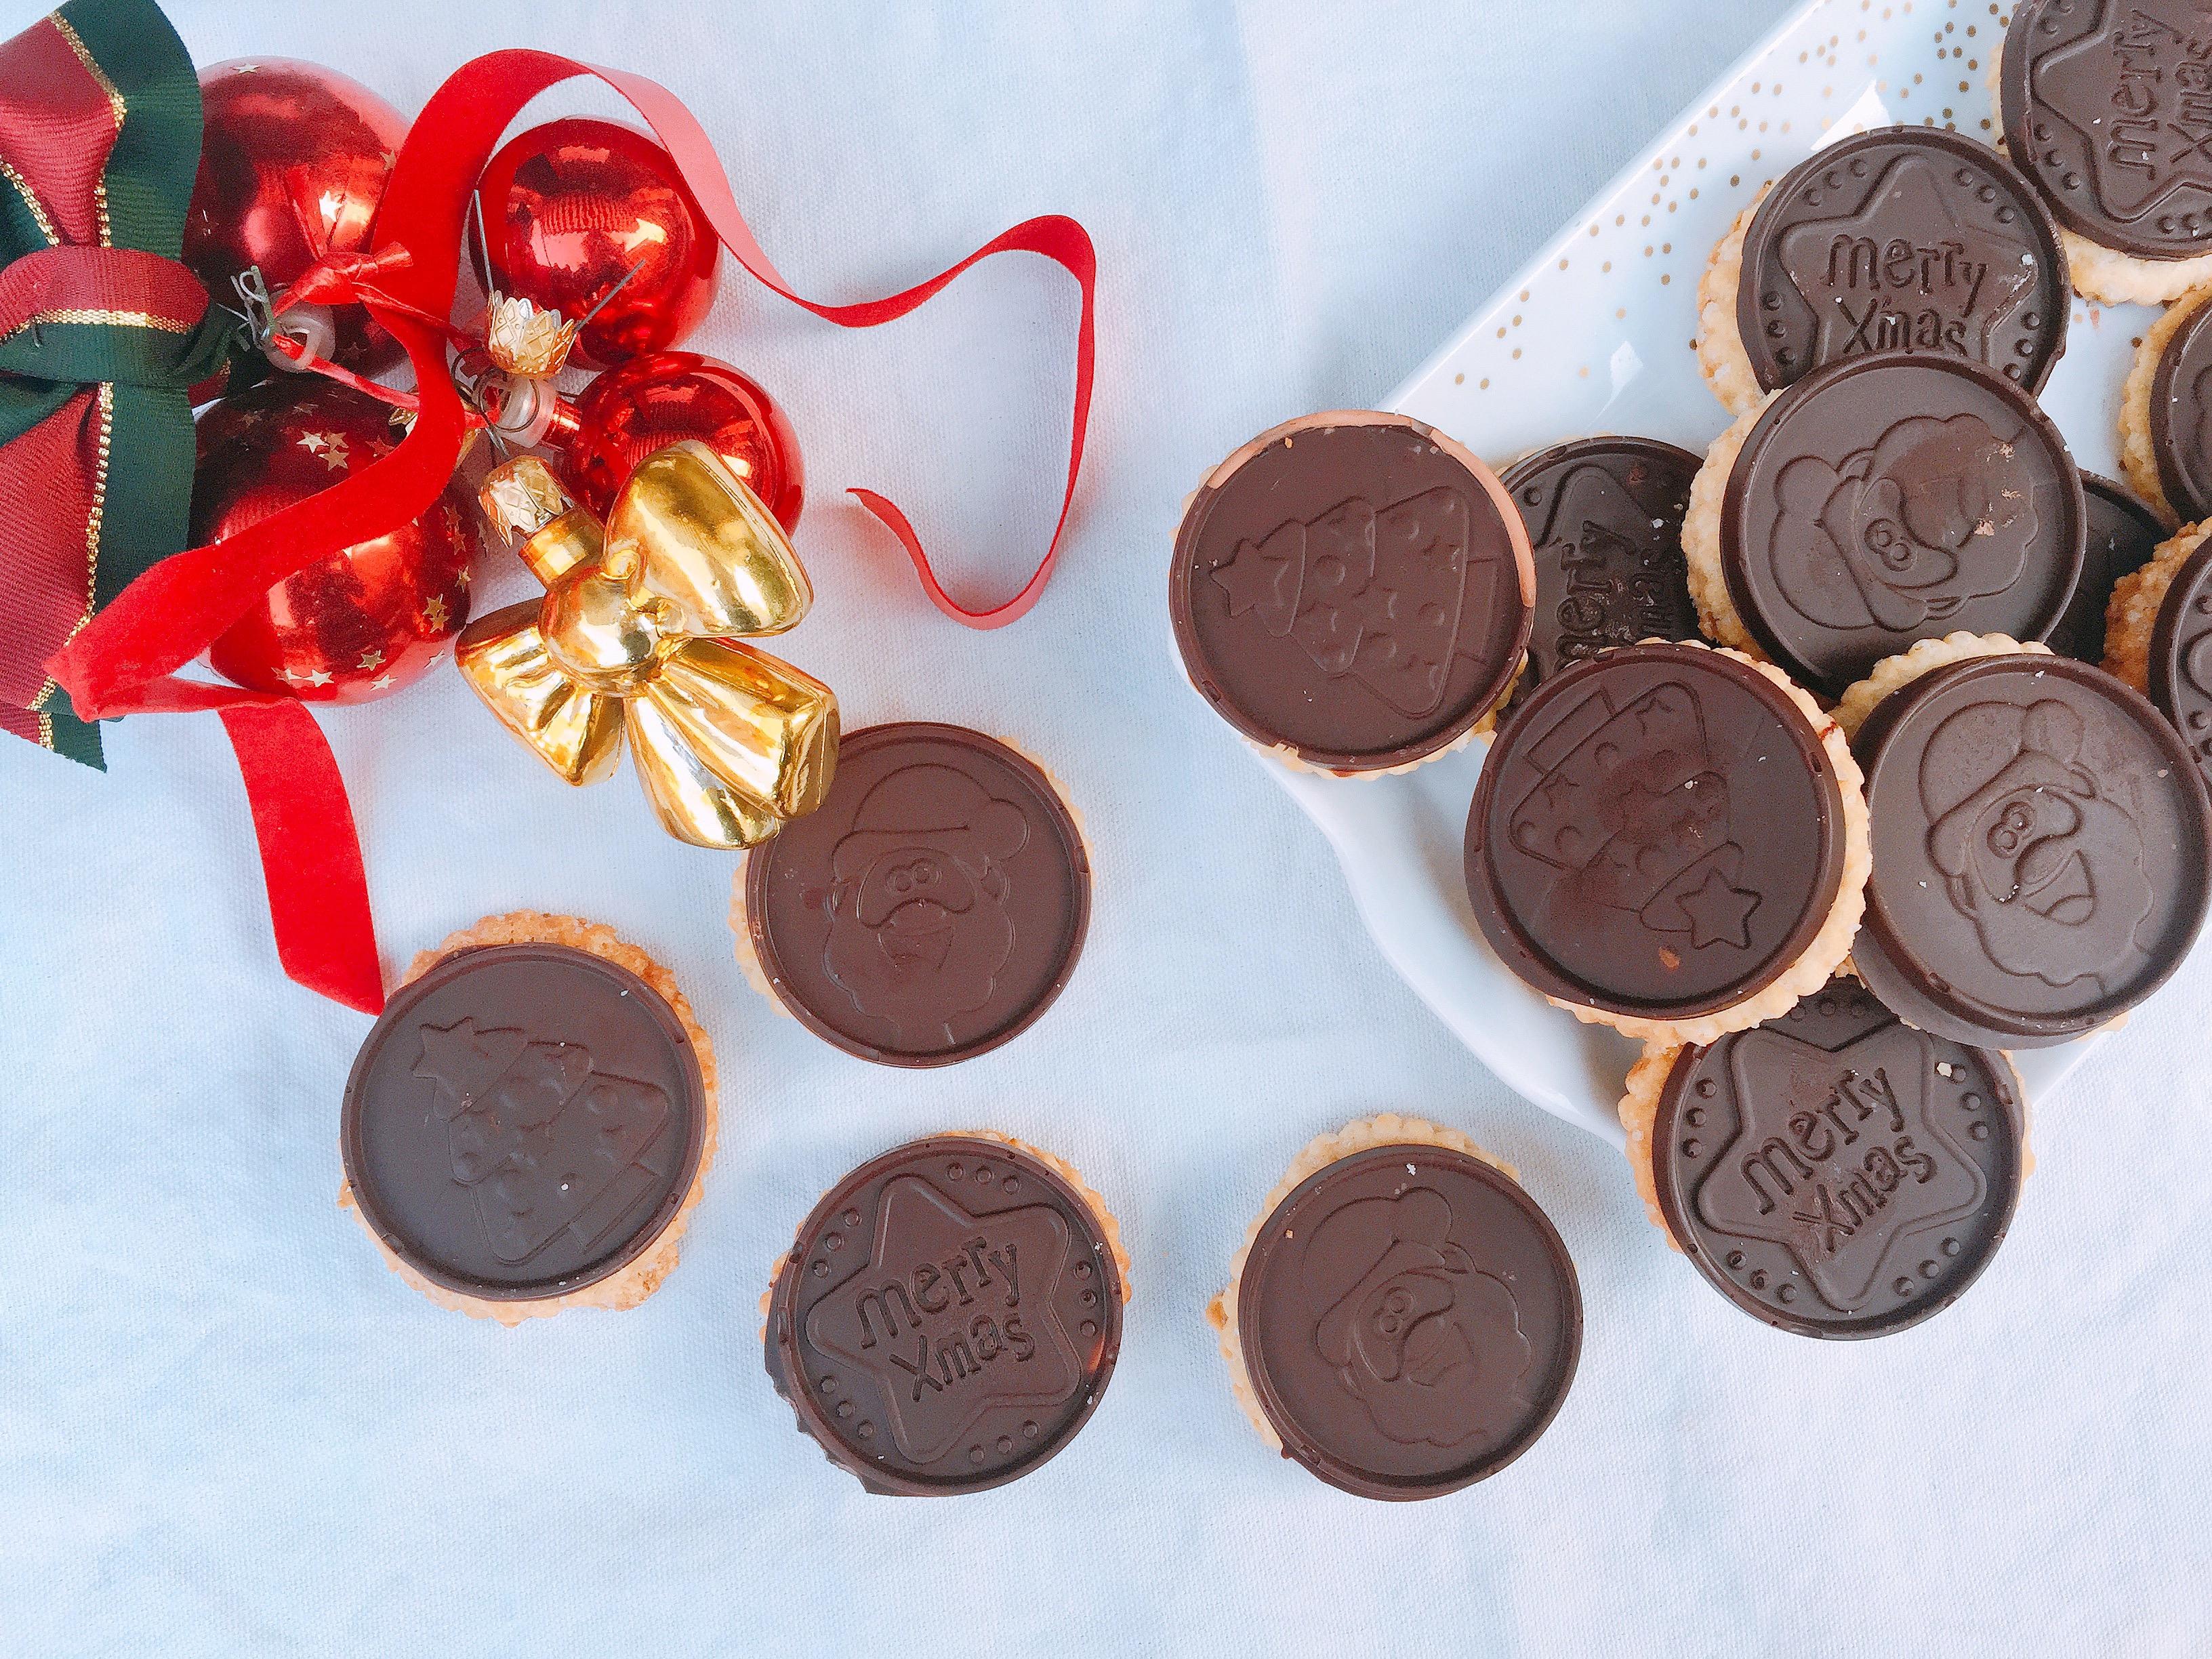 Biscotti di Natale al Cioccolato Senza Burro , per un Natale goloso e speciale di dolci senza burro